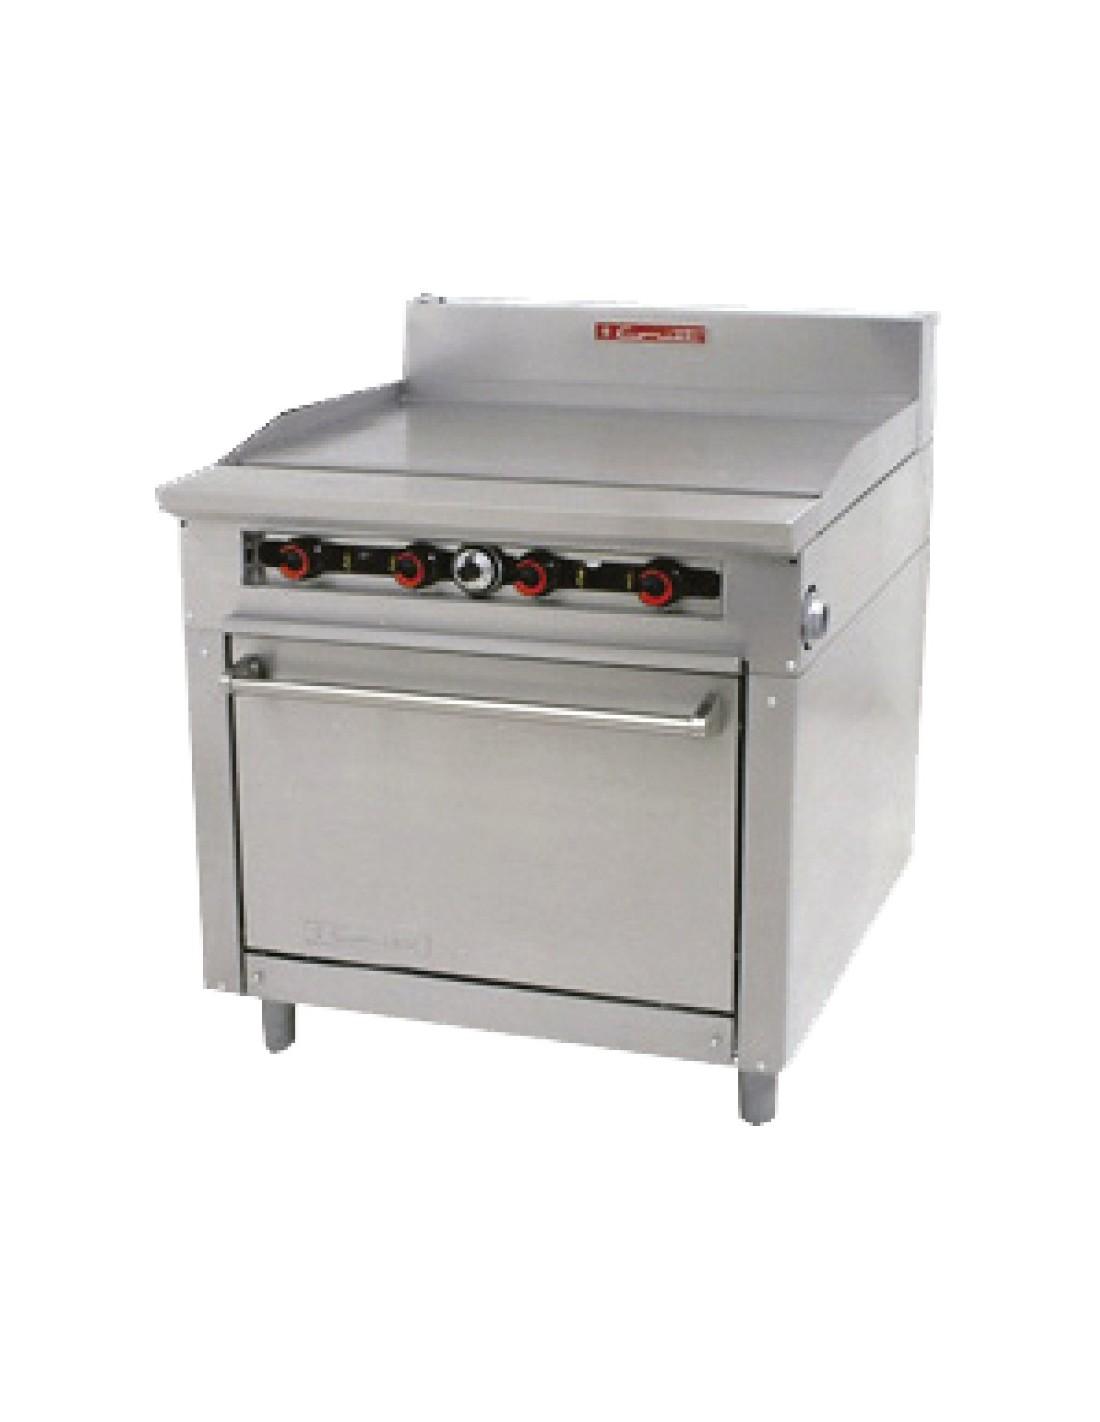 Coriat estufa pesada de gas con horno y plancha 5 quemadores for Estufa industrial con horno